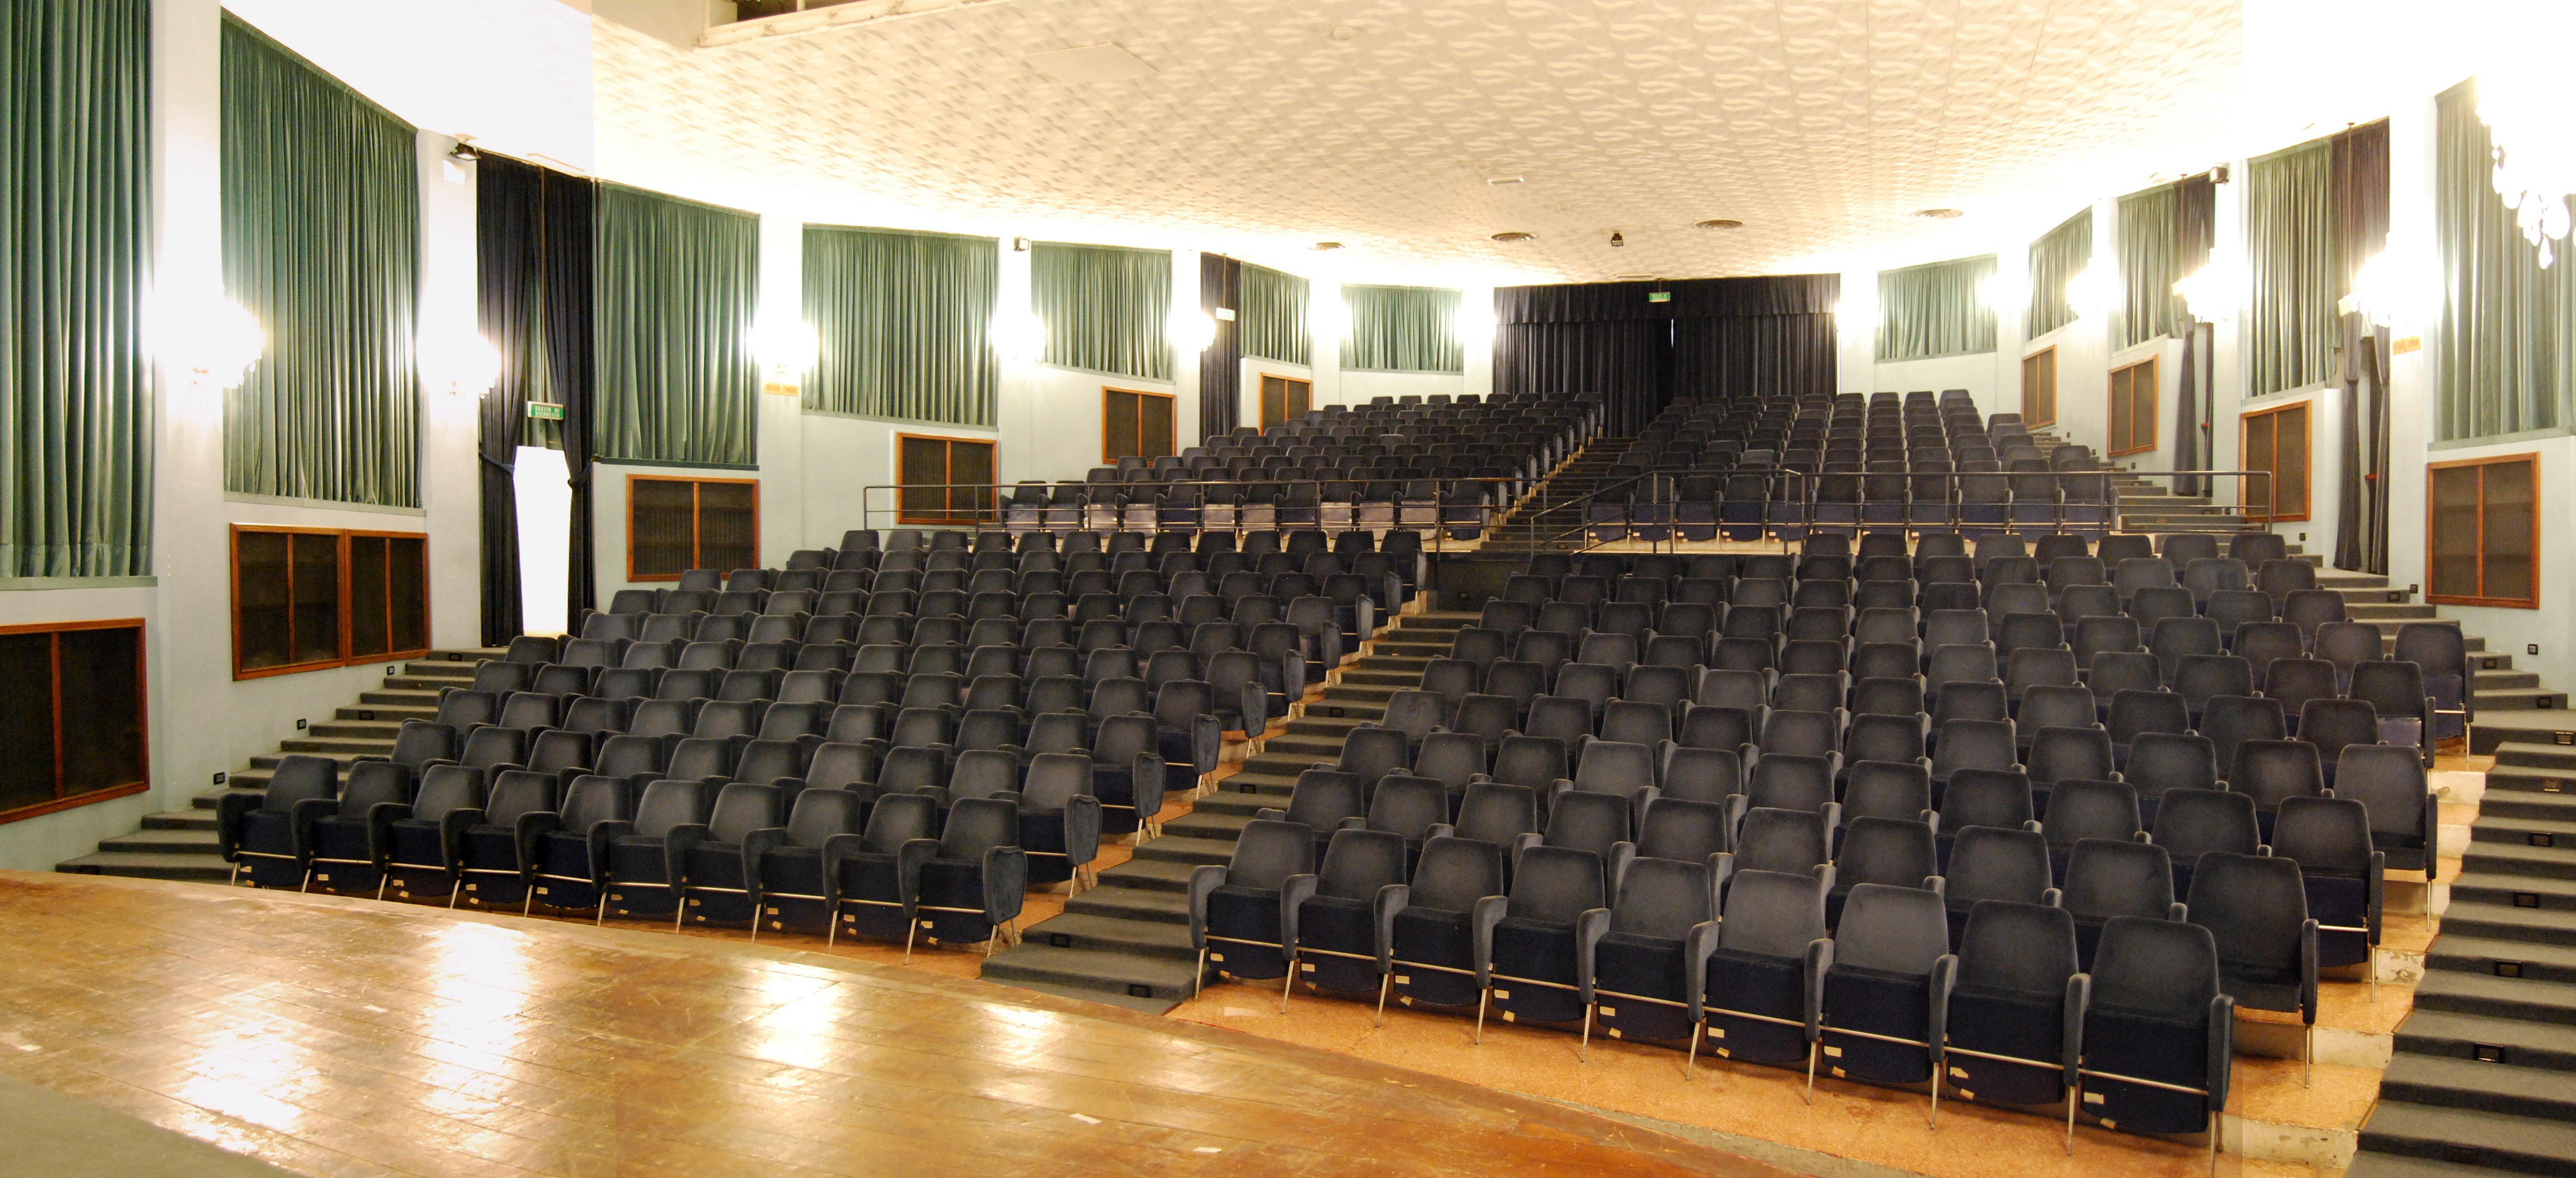 Teatro sperimentale marche teatro for Foto di sale moderne